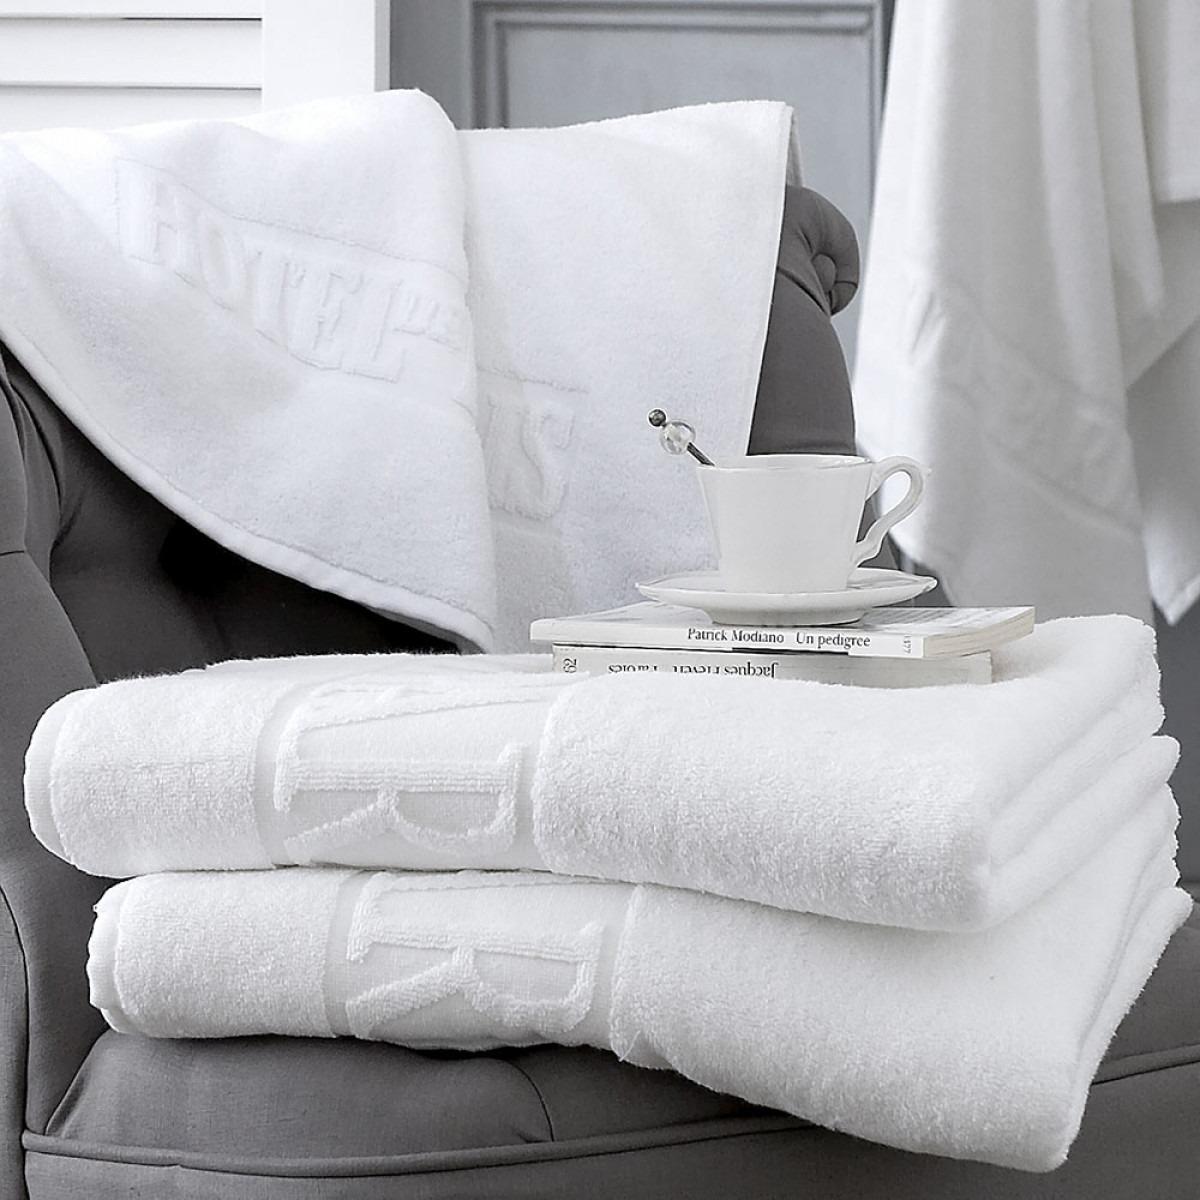 Hotel De Paris White Cotton Towels